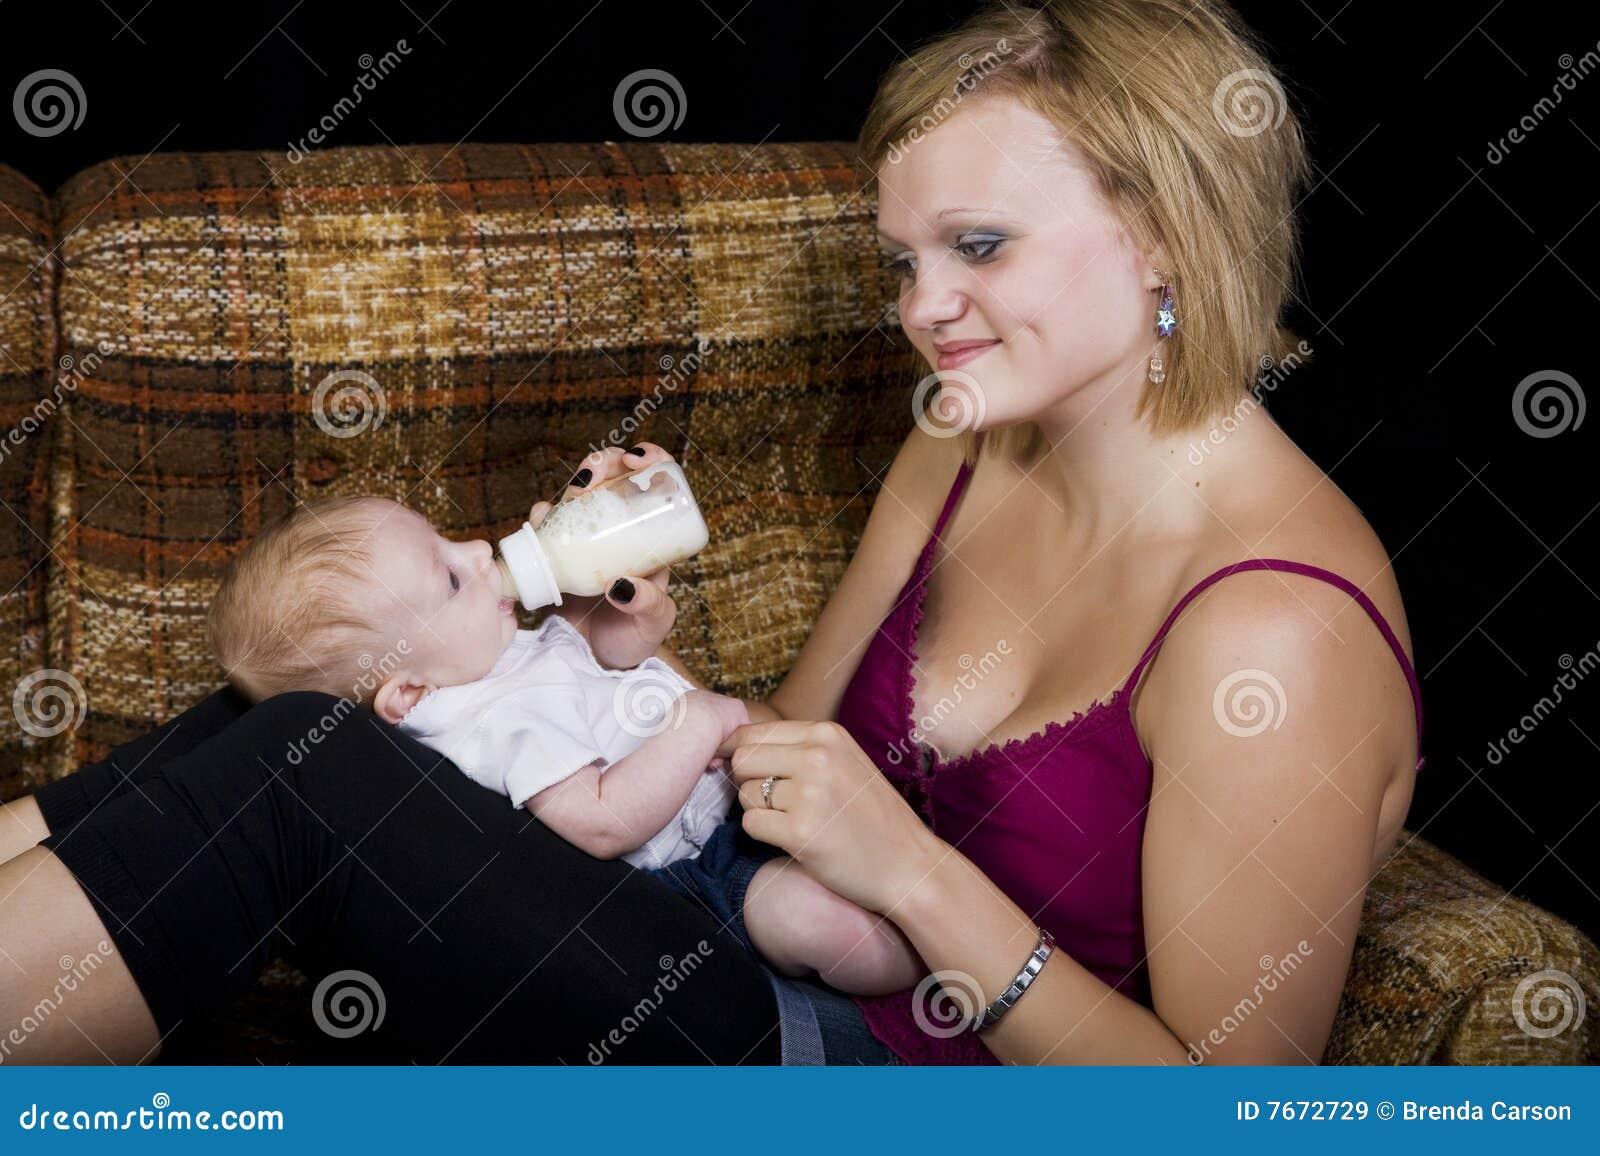 Babysitters suck